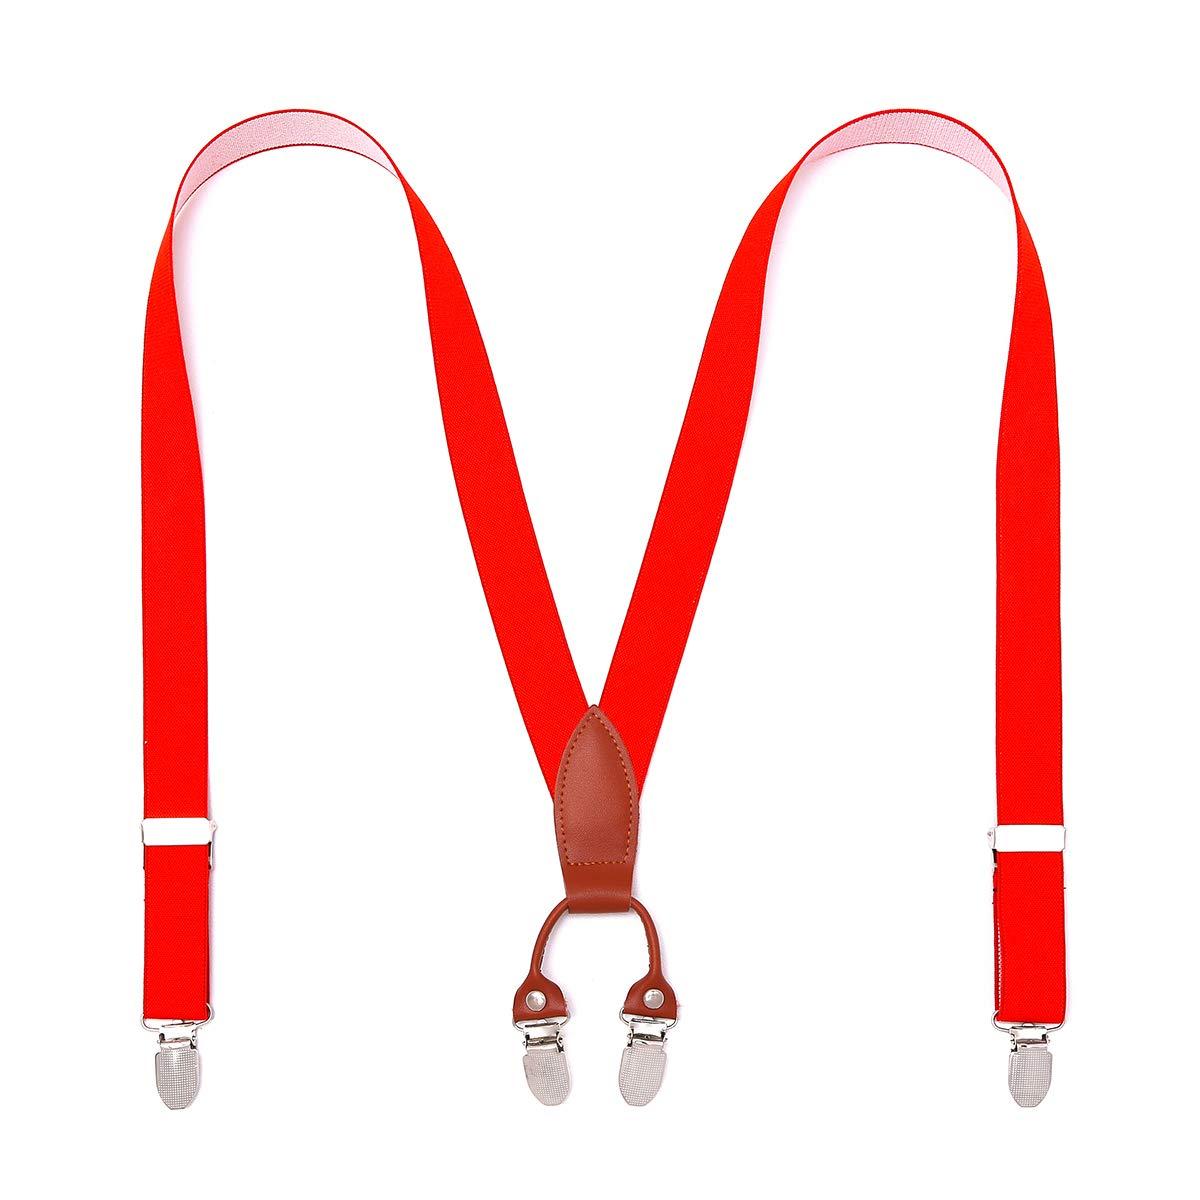 KANGDAI Bretelles pour enfants 4 pinces robustes Y retour élastique réglable 11 couleurs 5-12 ans bretelles pour garçons avec pinces en métal